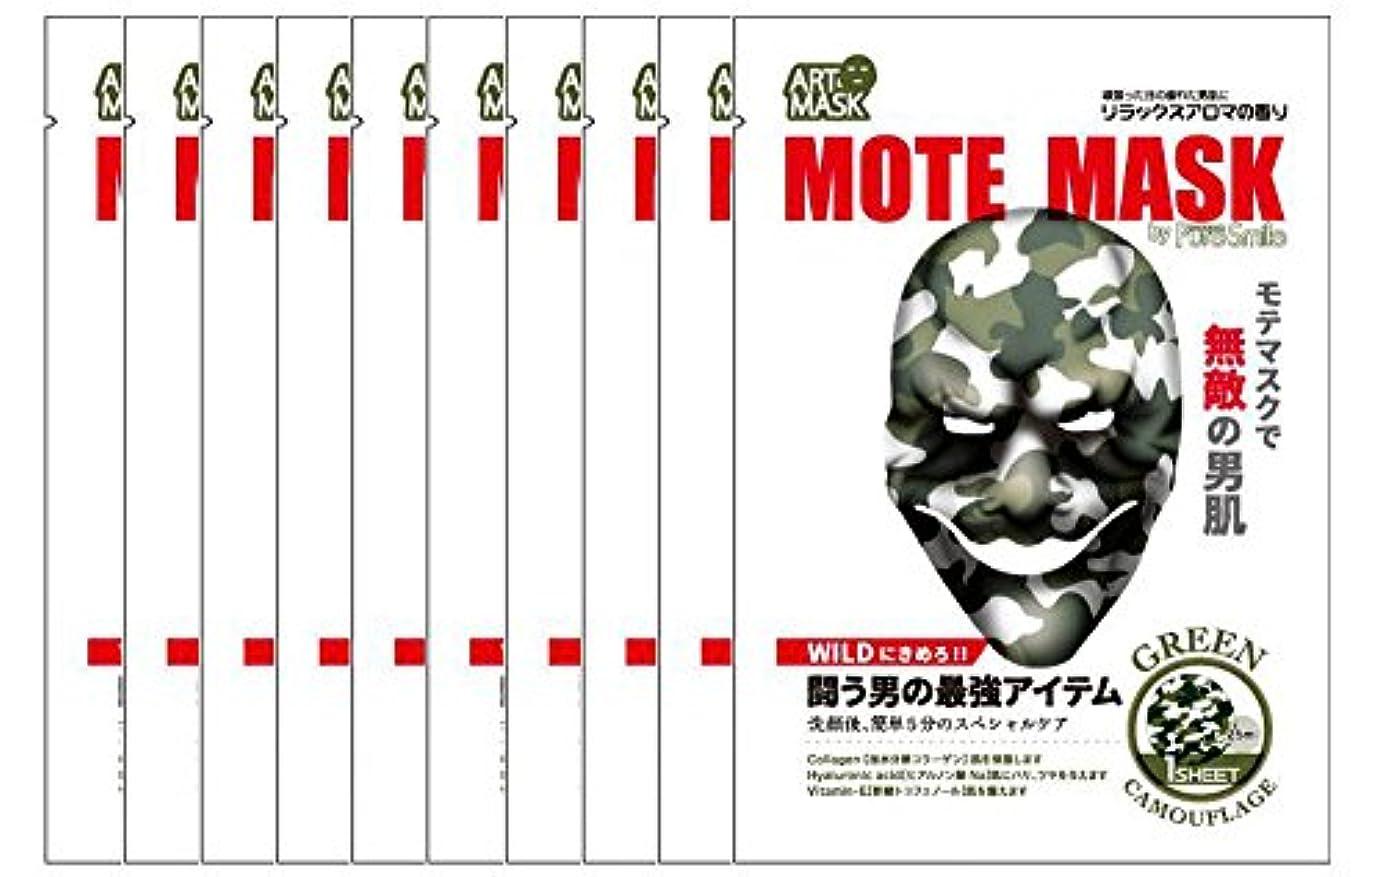 印象野菜盲目ピュアスマイル アートマスク モテマスク MA-01 リラックスアロマの香り 1枚入り ×10セット